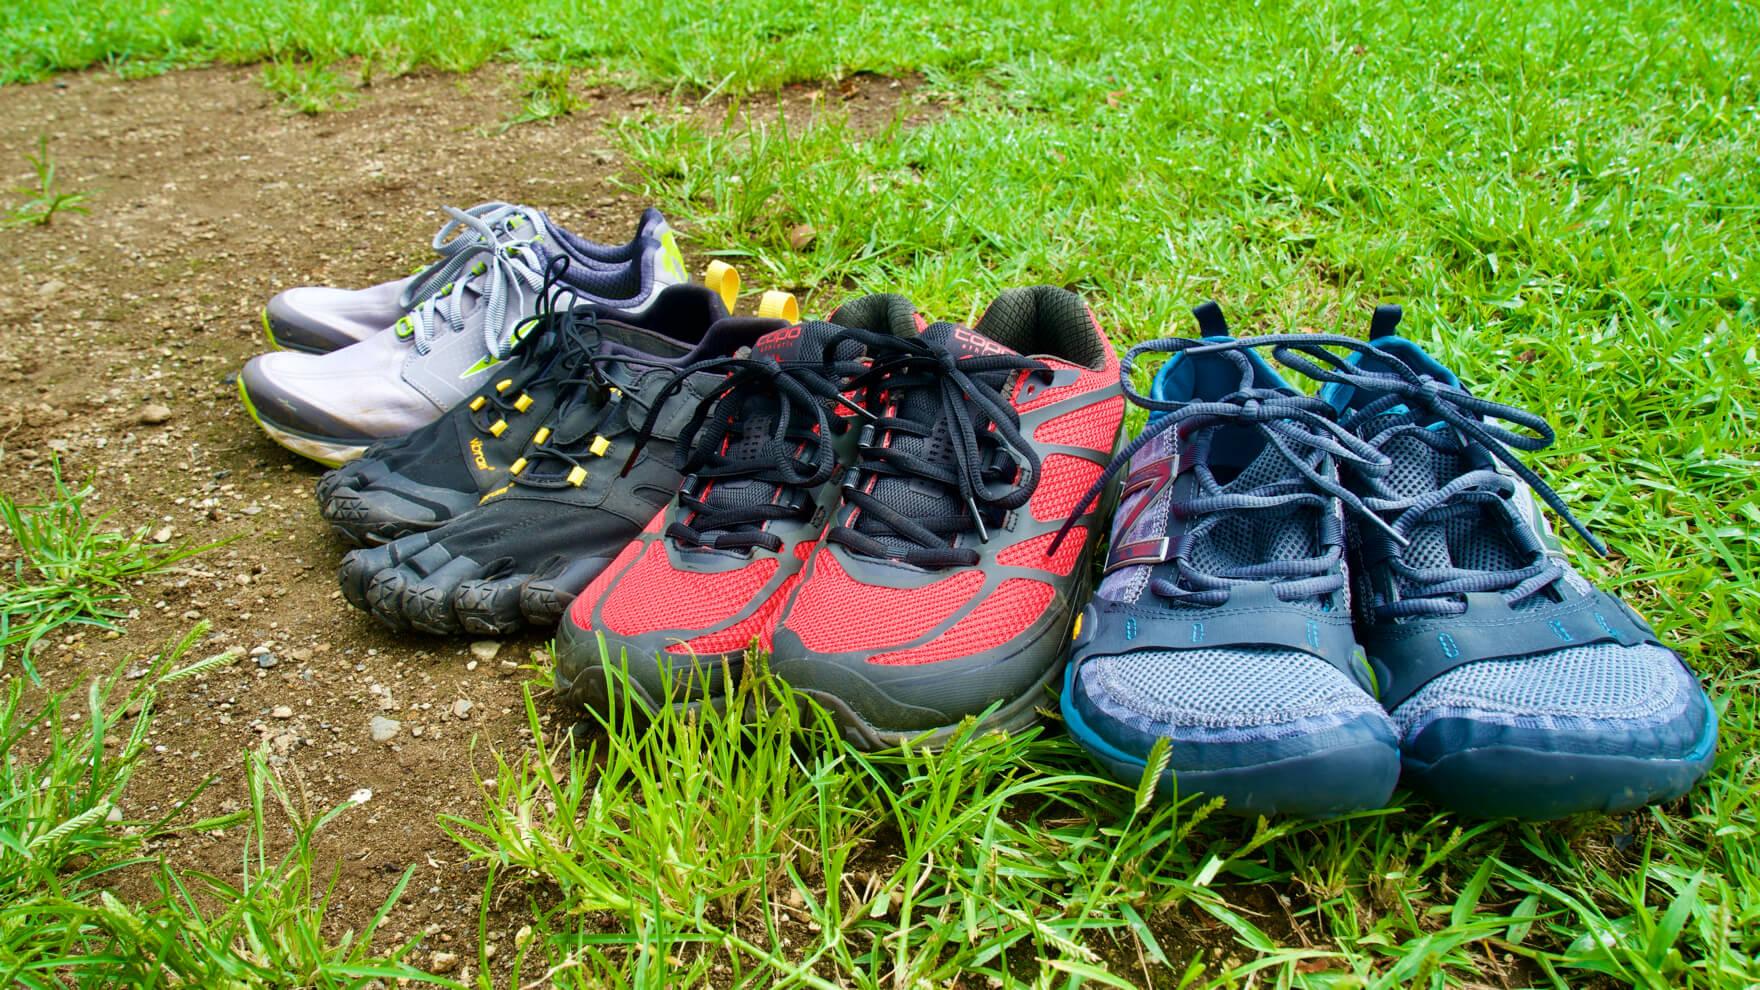 比較レビュー:素足で走る楽しさを。ミニマリスト系 トレランシューズを履き比べ